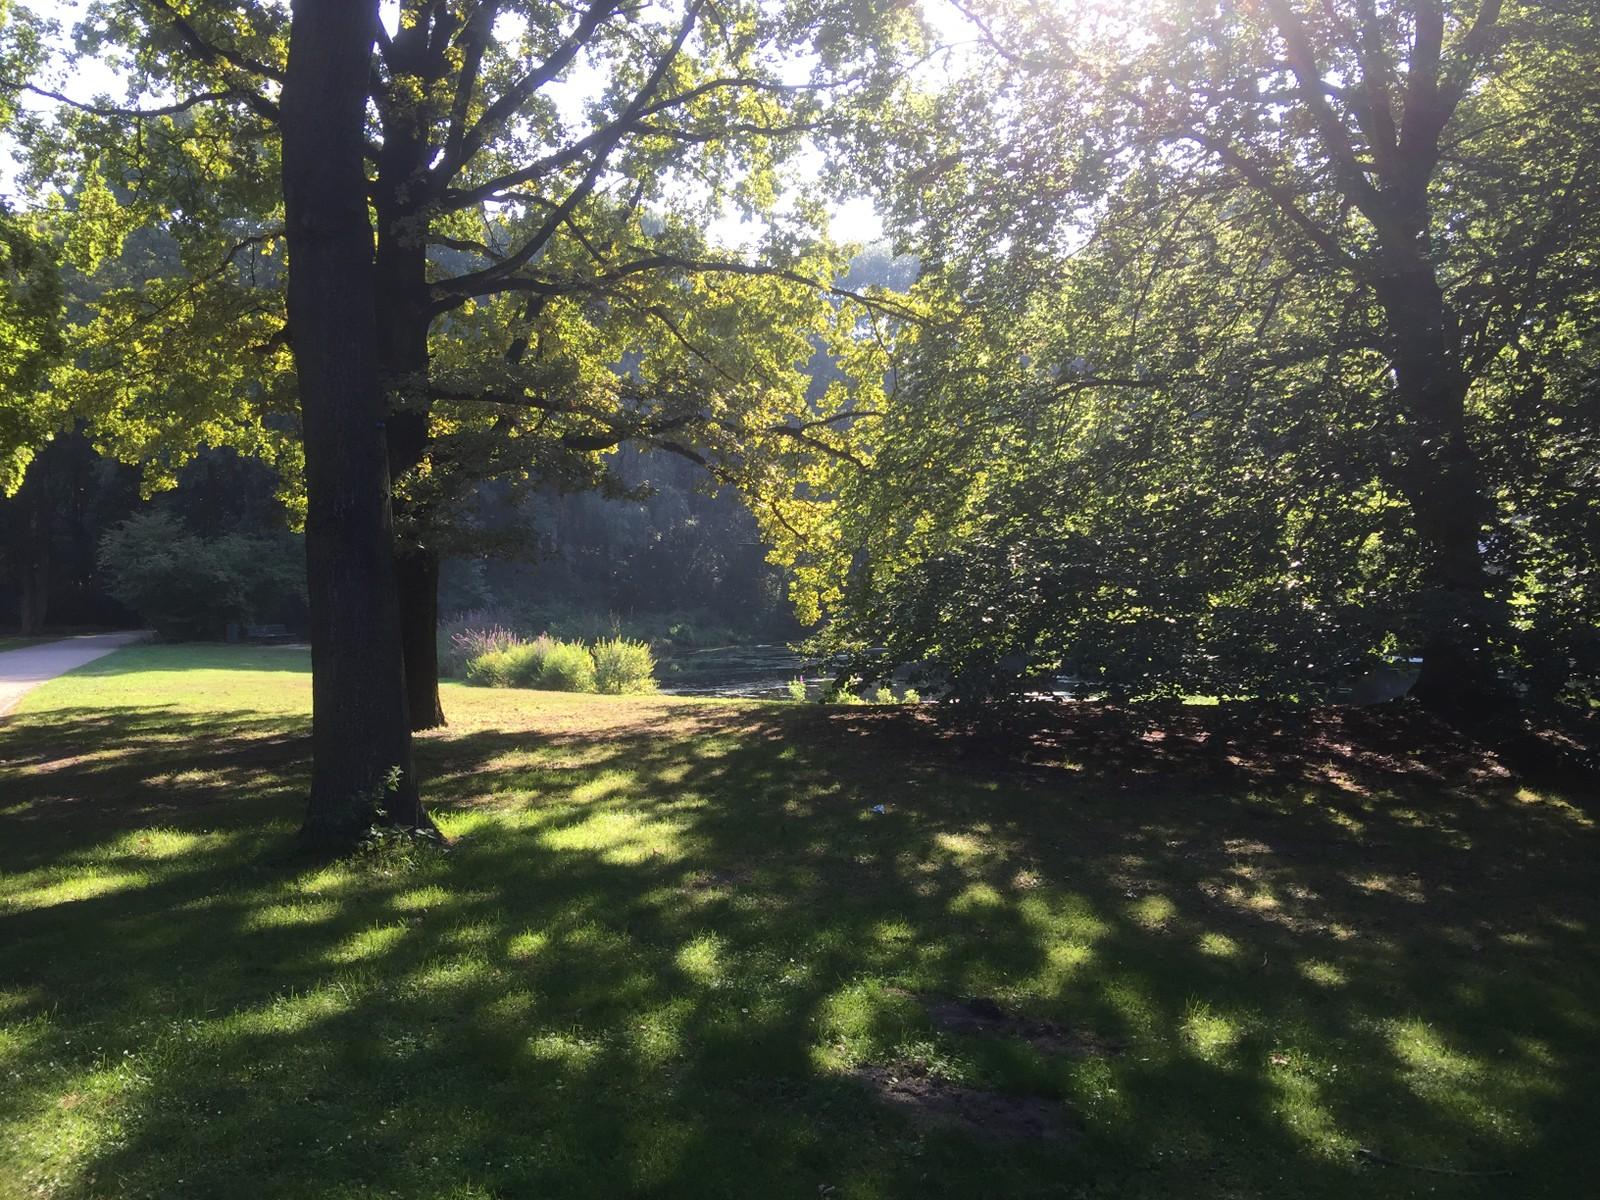 ØDELAGT. Under andre verdenskrig ble store deler av parken ødelagt under luftangrepene til de allierte.